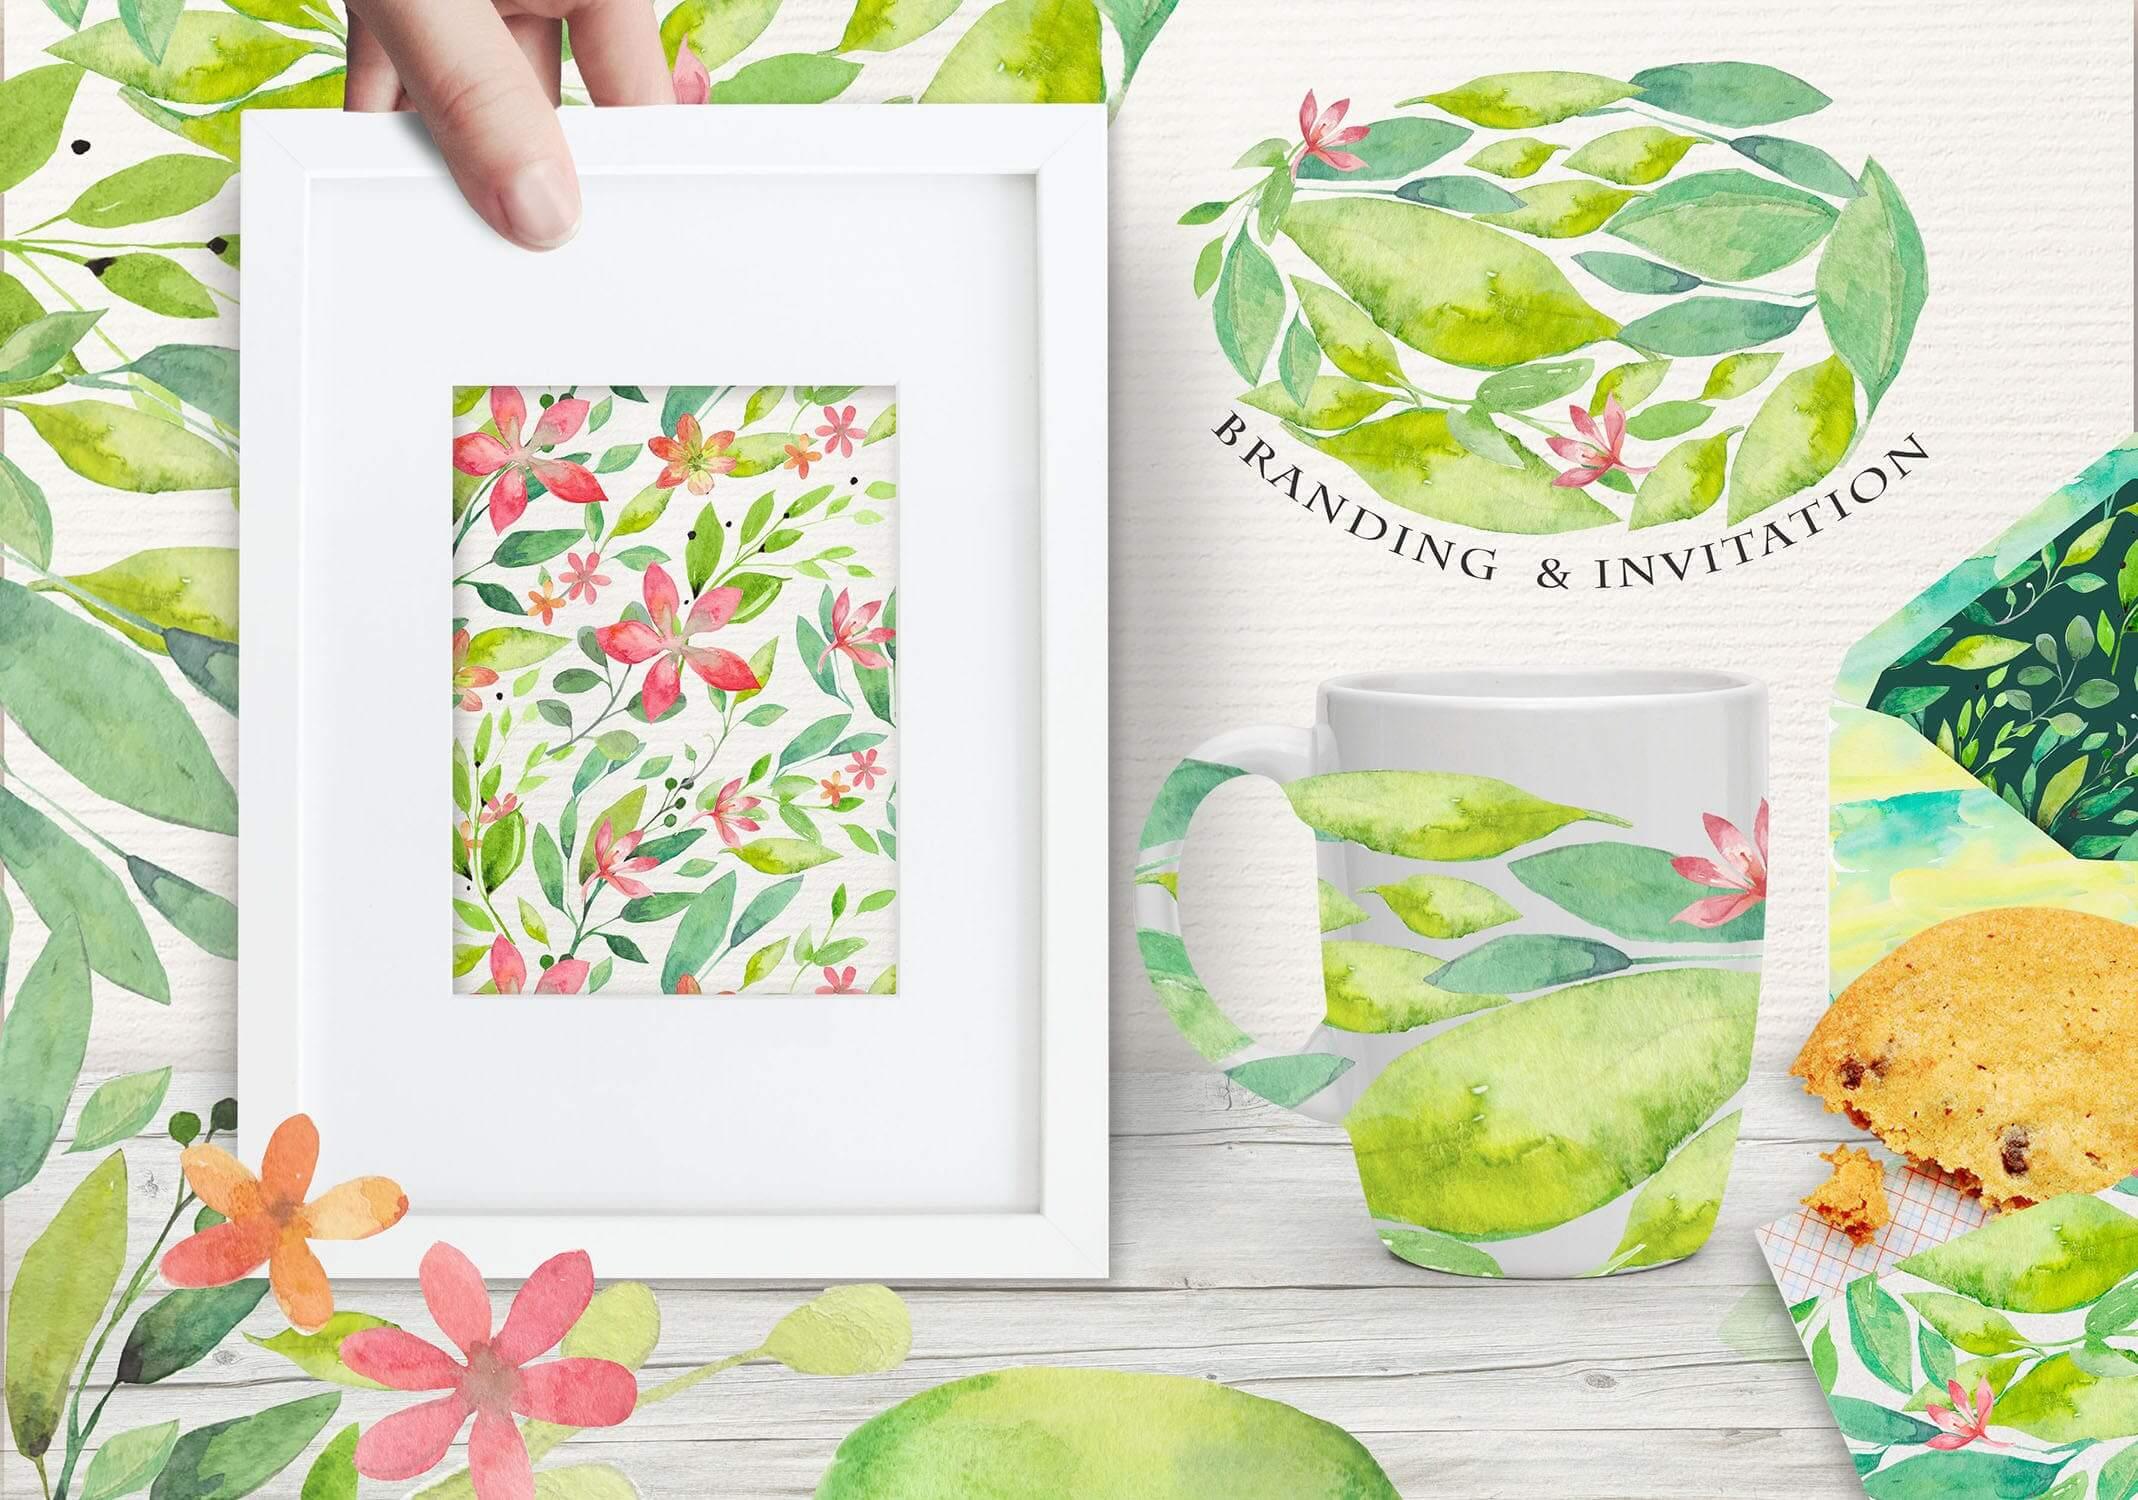 夏季素材鲜花素材装饰排列合集THE SUMMER BREEZE插图(4)